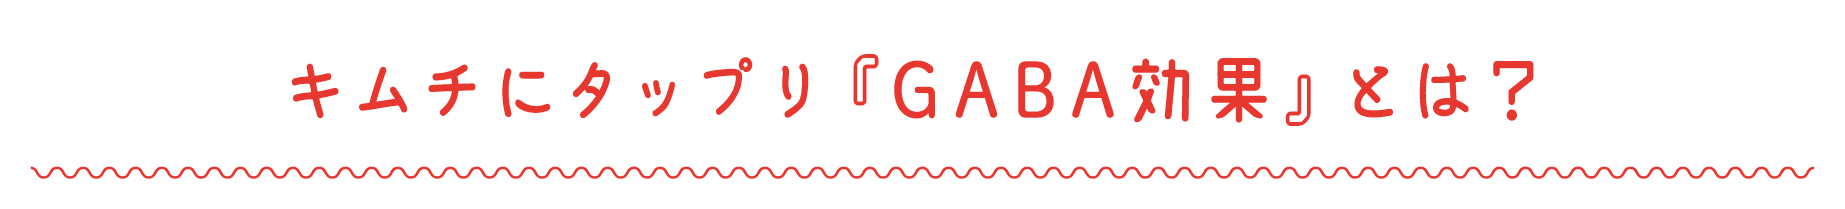 キムチにタップリ『G A B A 効果』とは?